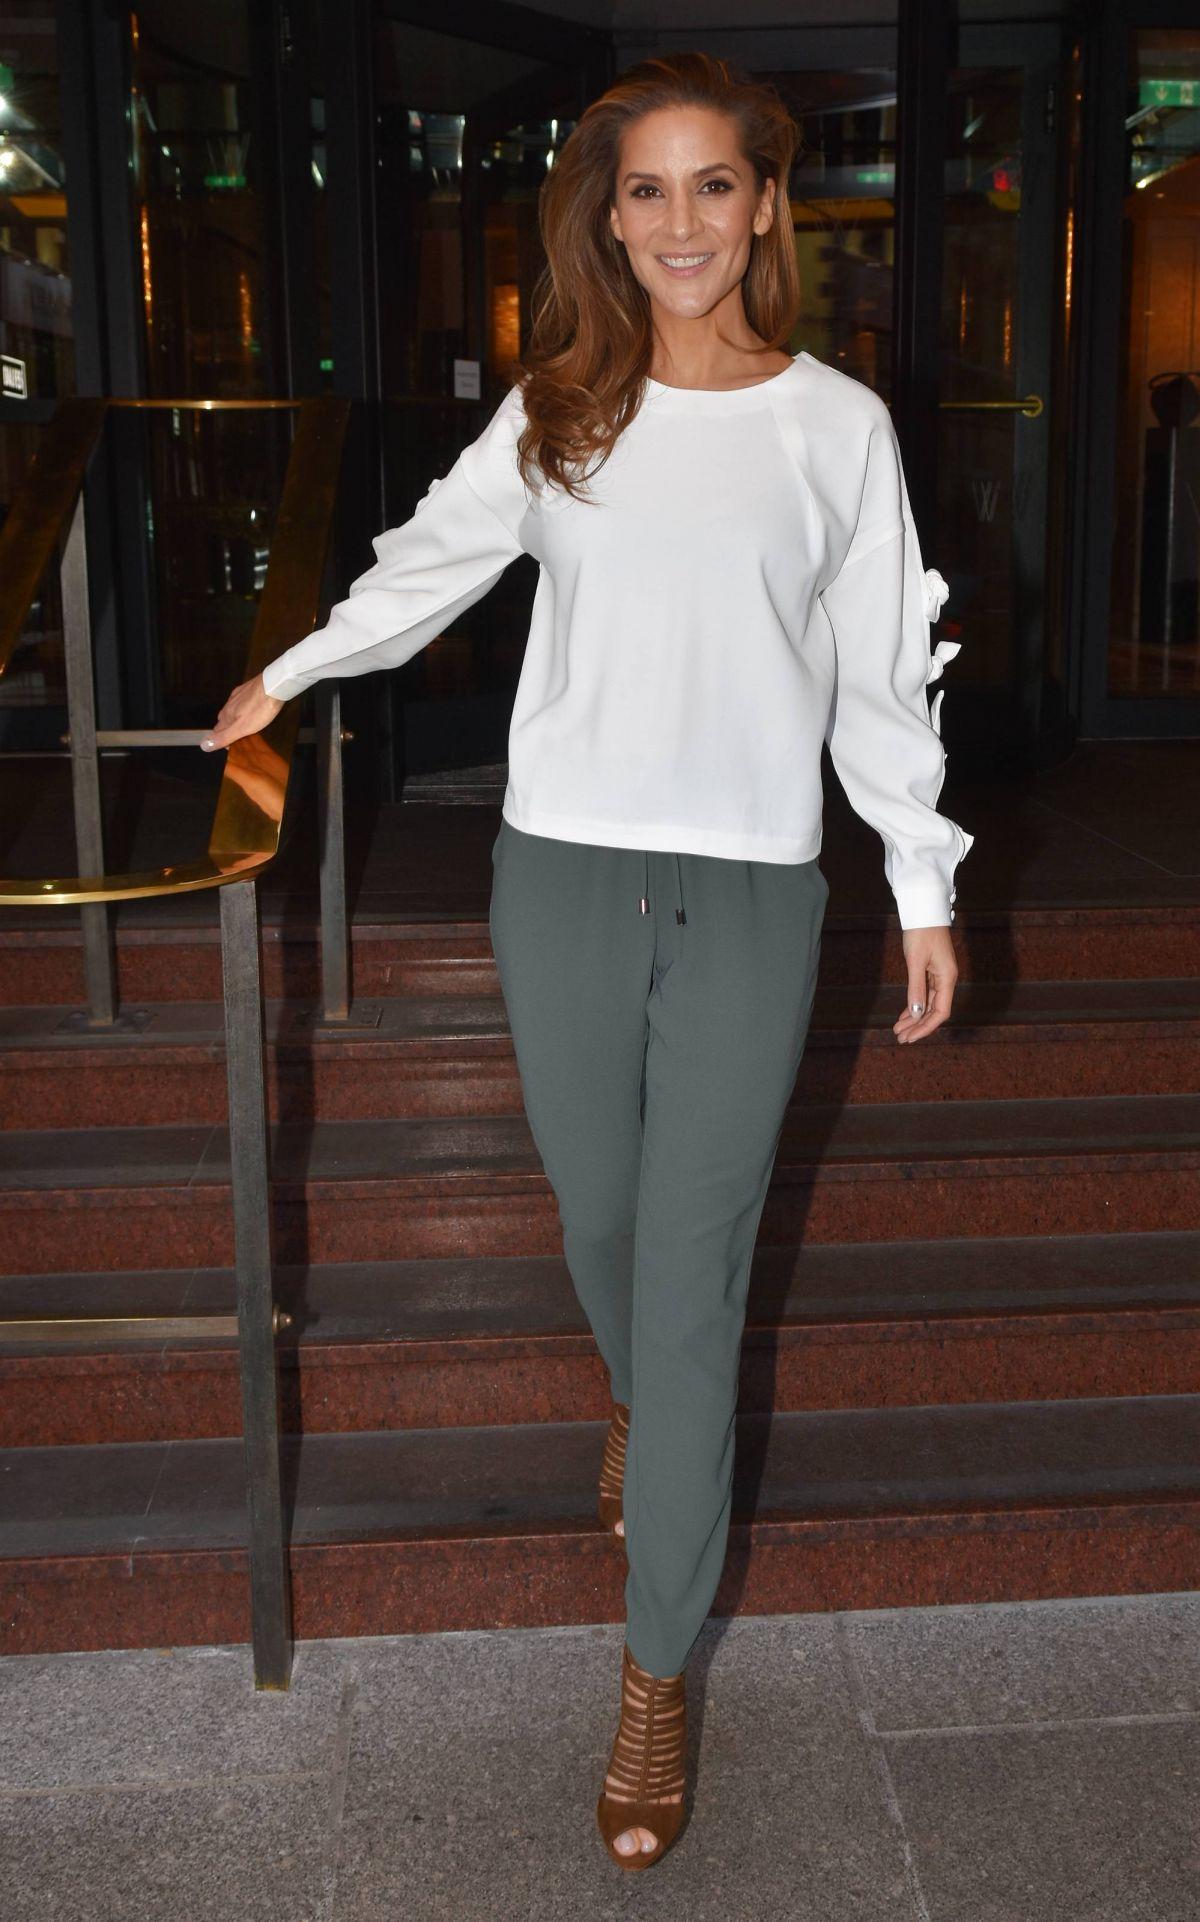 AMANDA BYRAM at Westbury Hotel in Dublin 01/13/2017